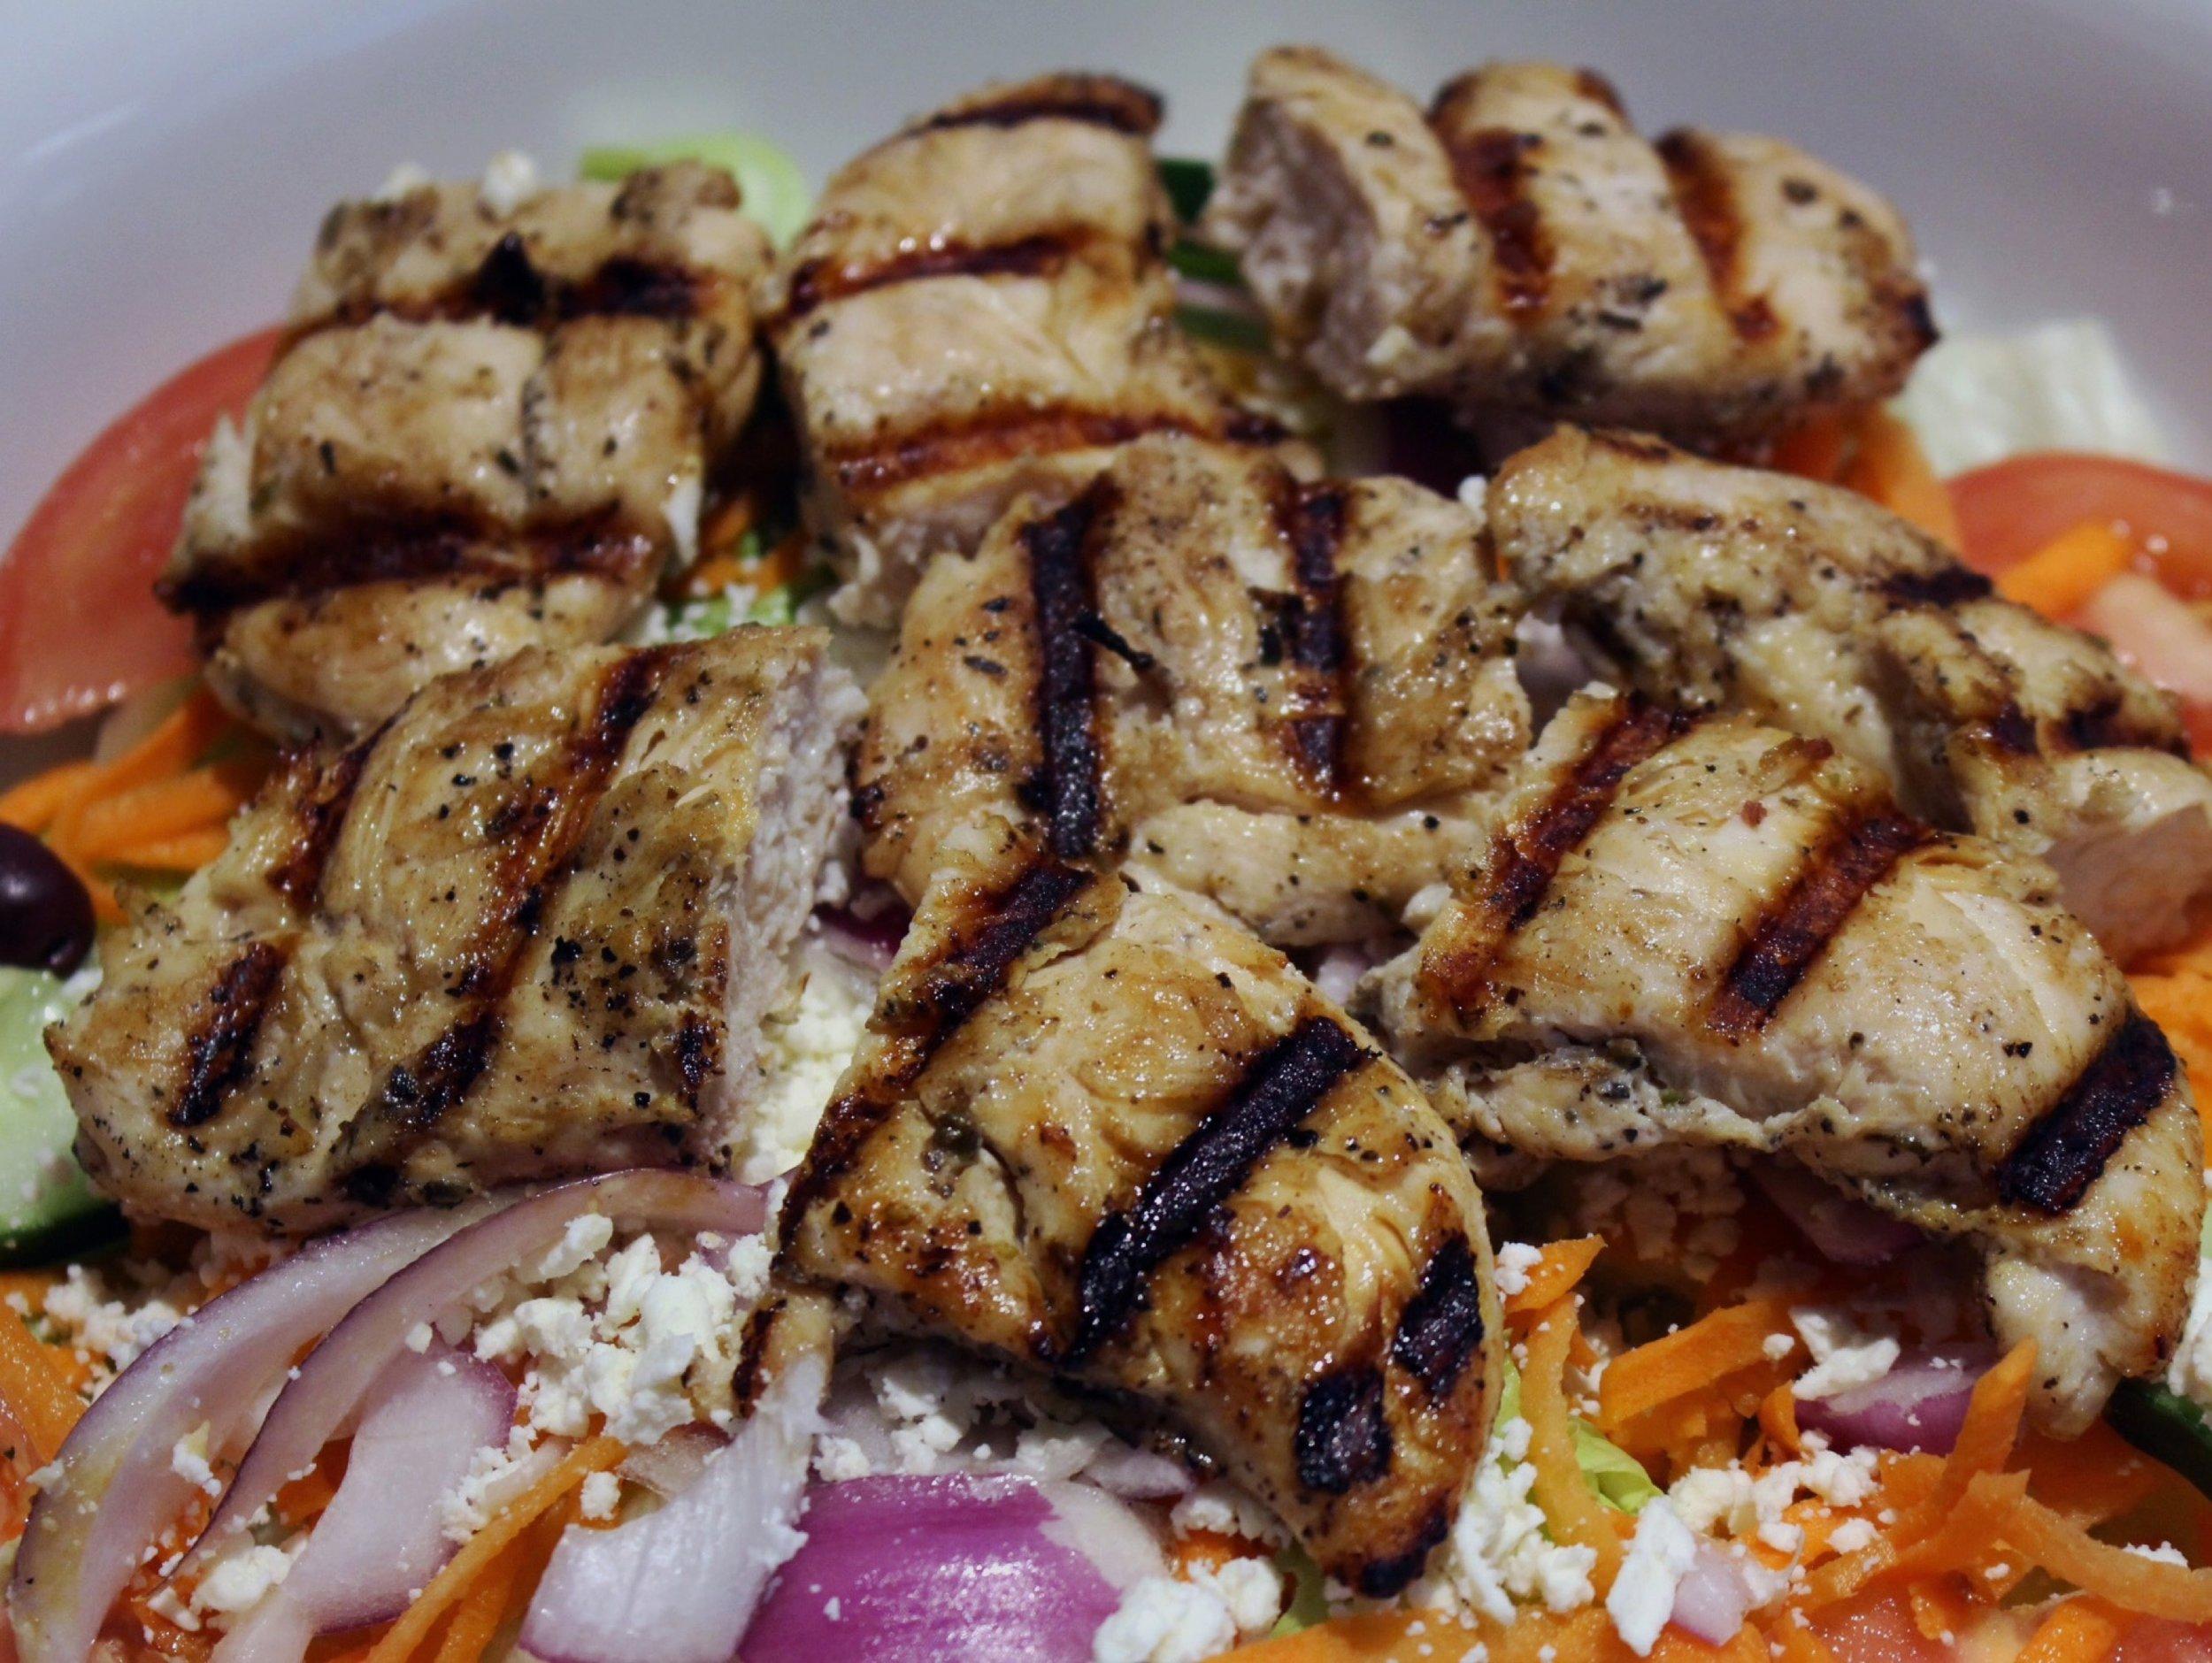 royal-roast-beef-chicken-kabob-salad.jpg